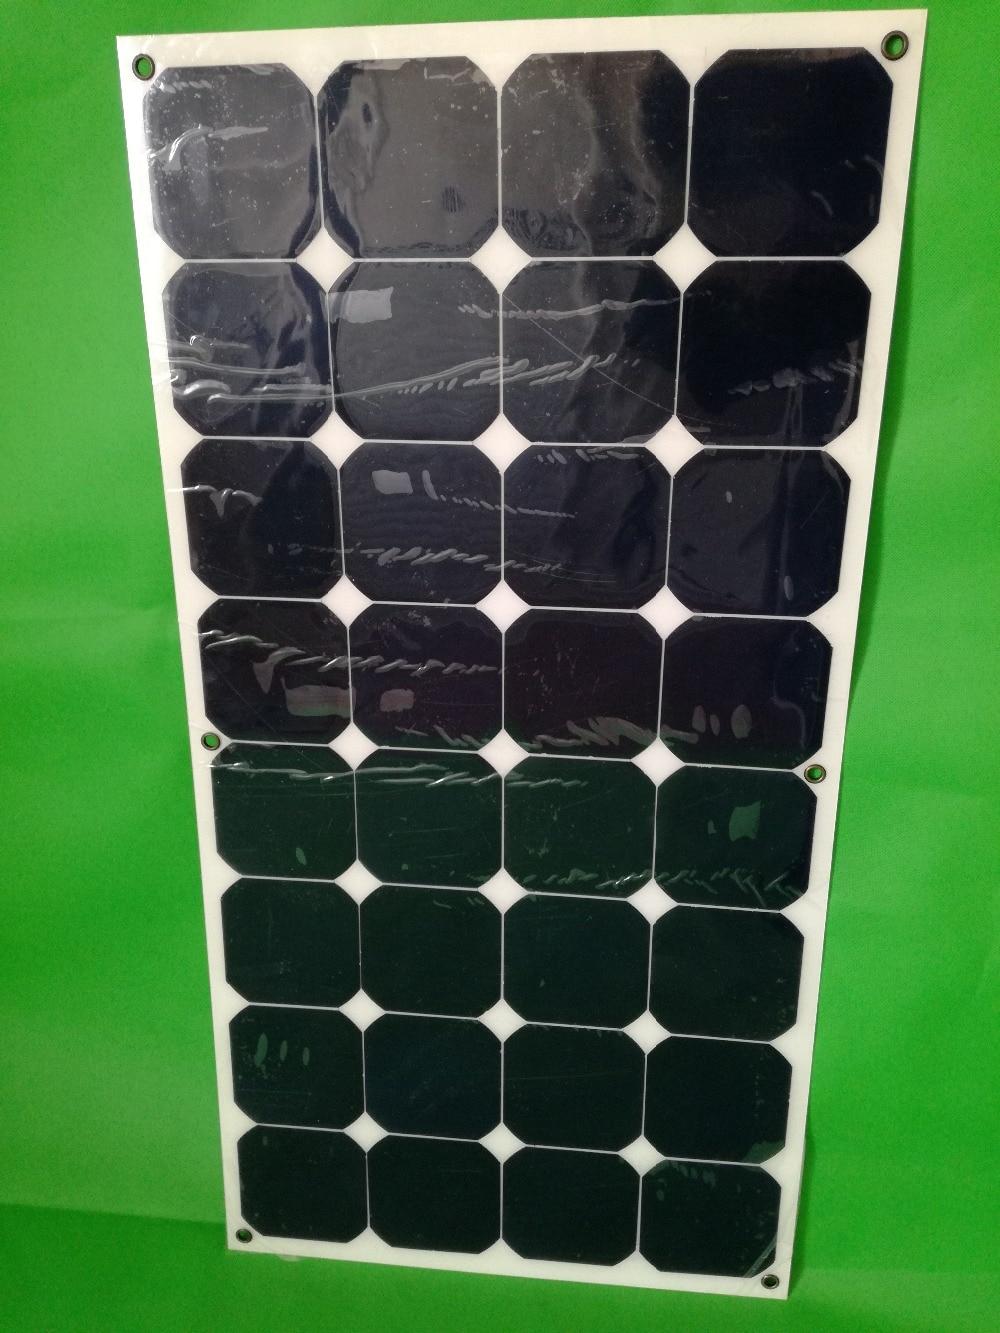 telhado placa de potência de Energia do sistema automotivo pé